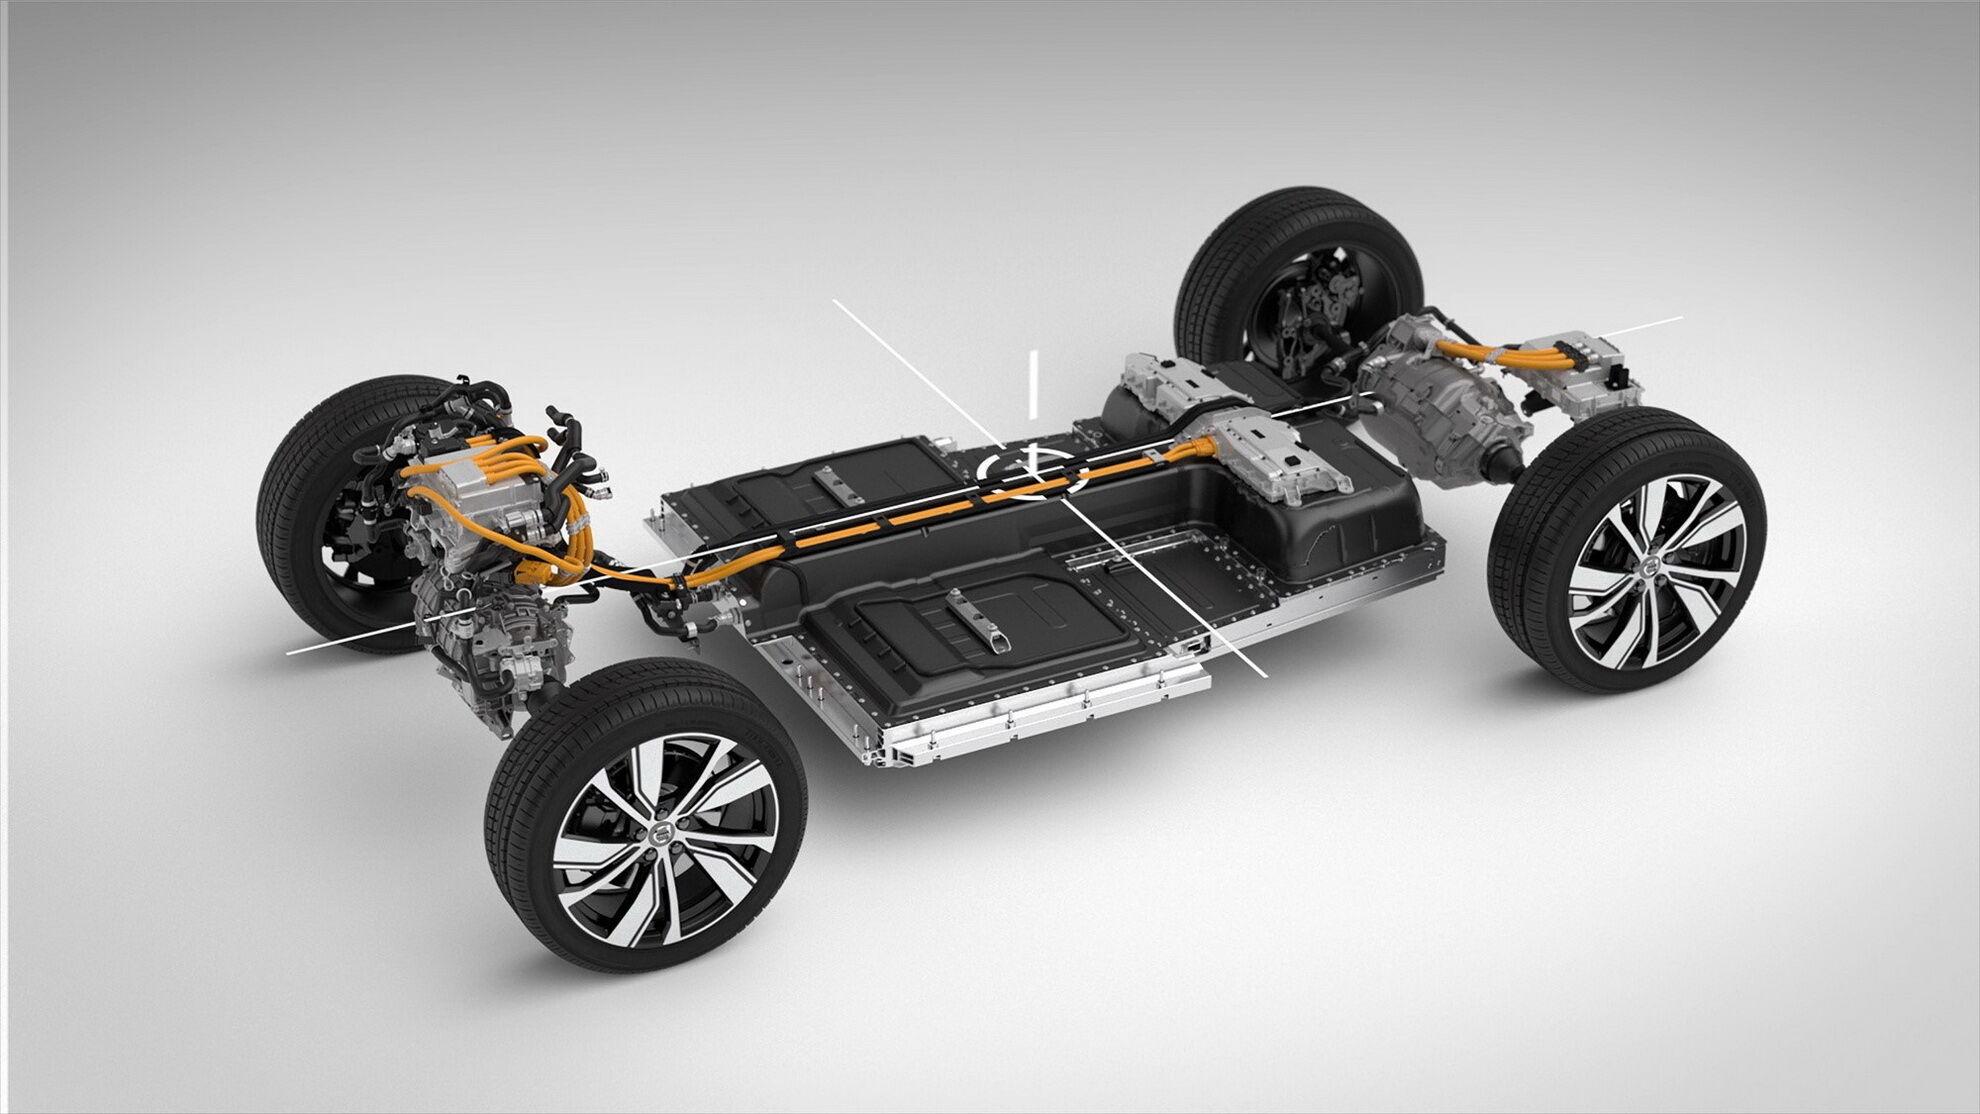 XC40 Recharge побудований на модельної платформі CMA, створеної в кооперації з материнським холдингом Geely Group. фото: